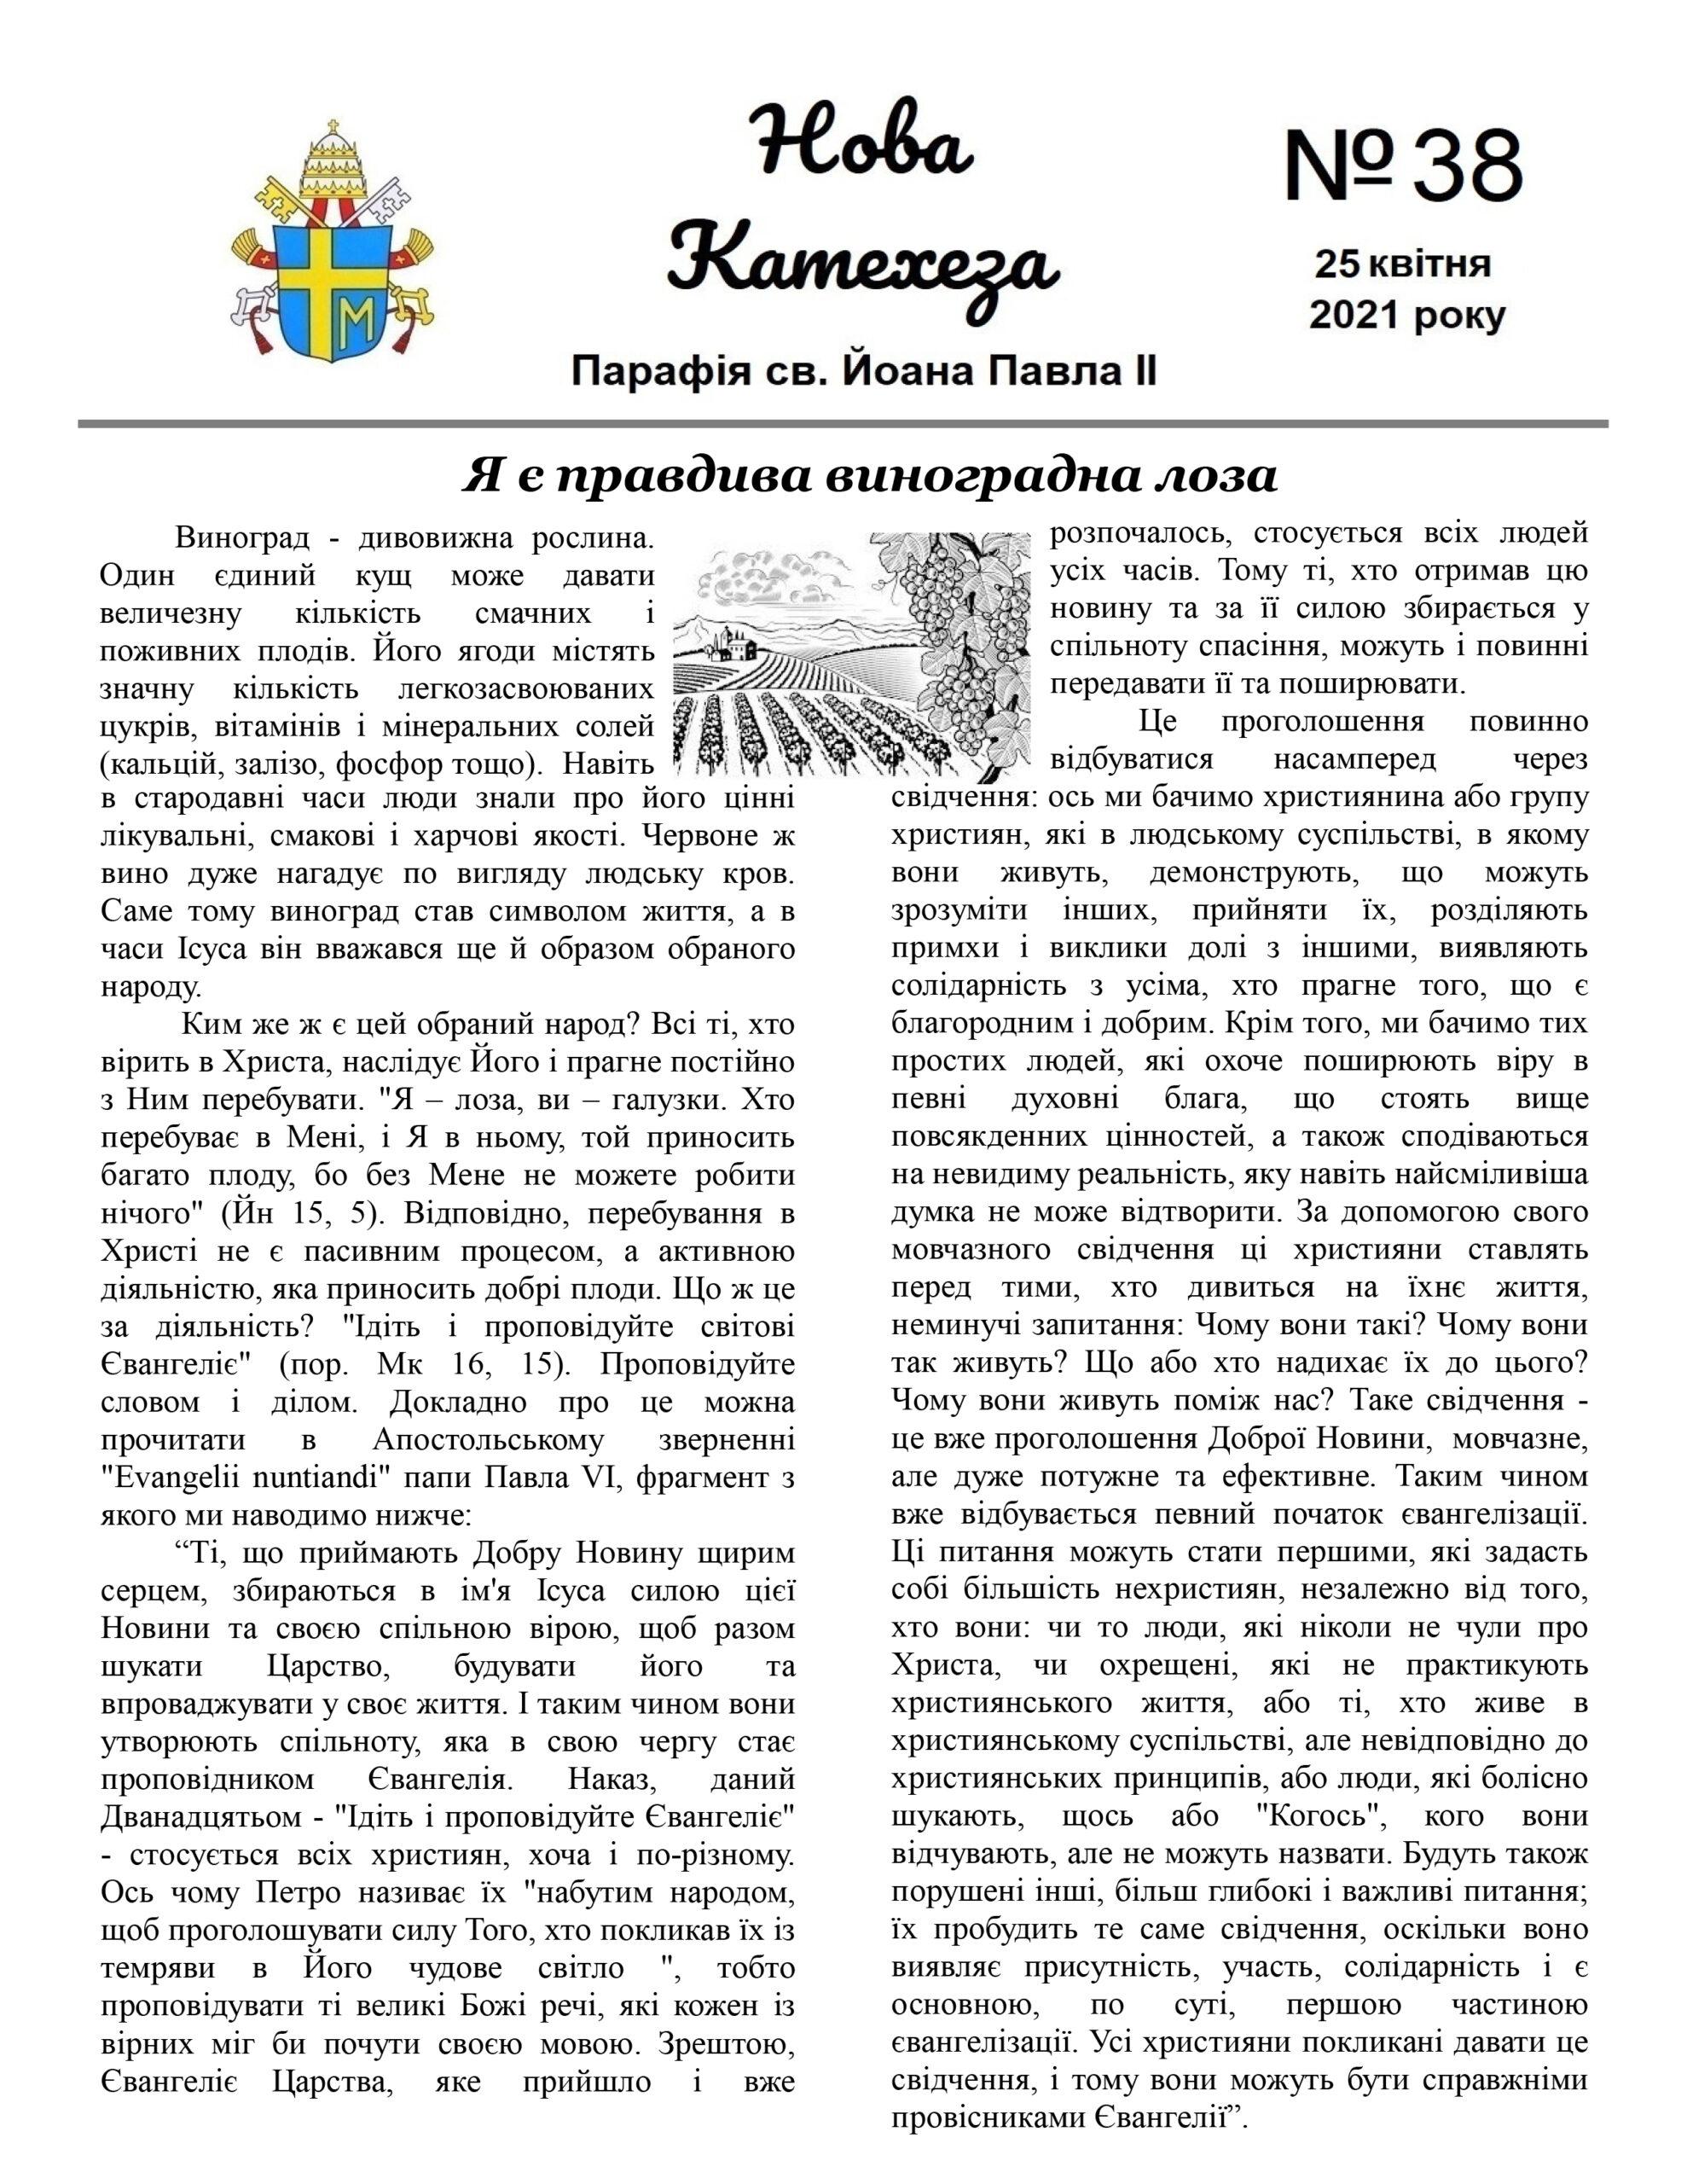 39-й номер парафіяльної газети